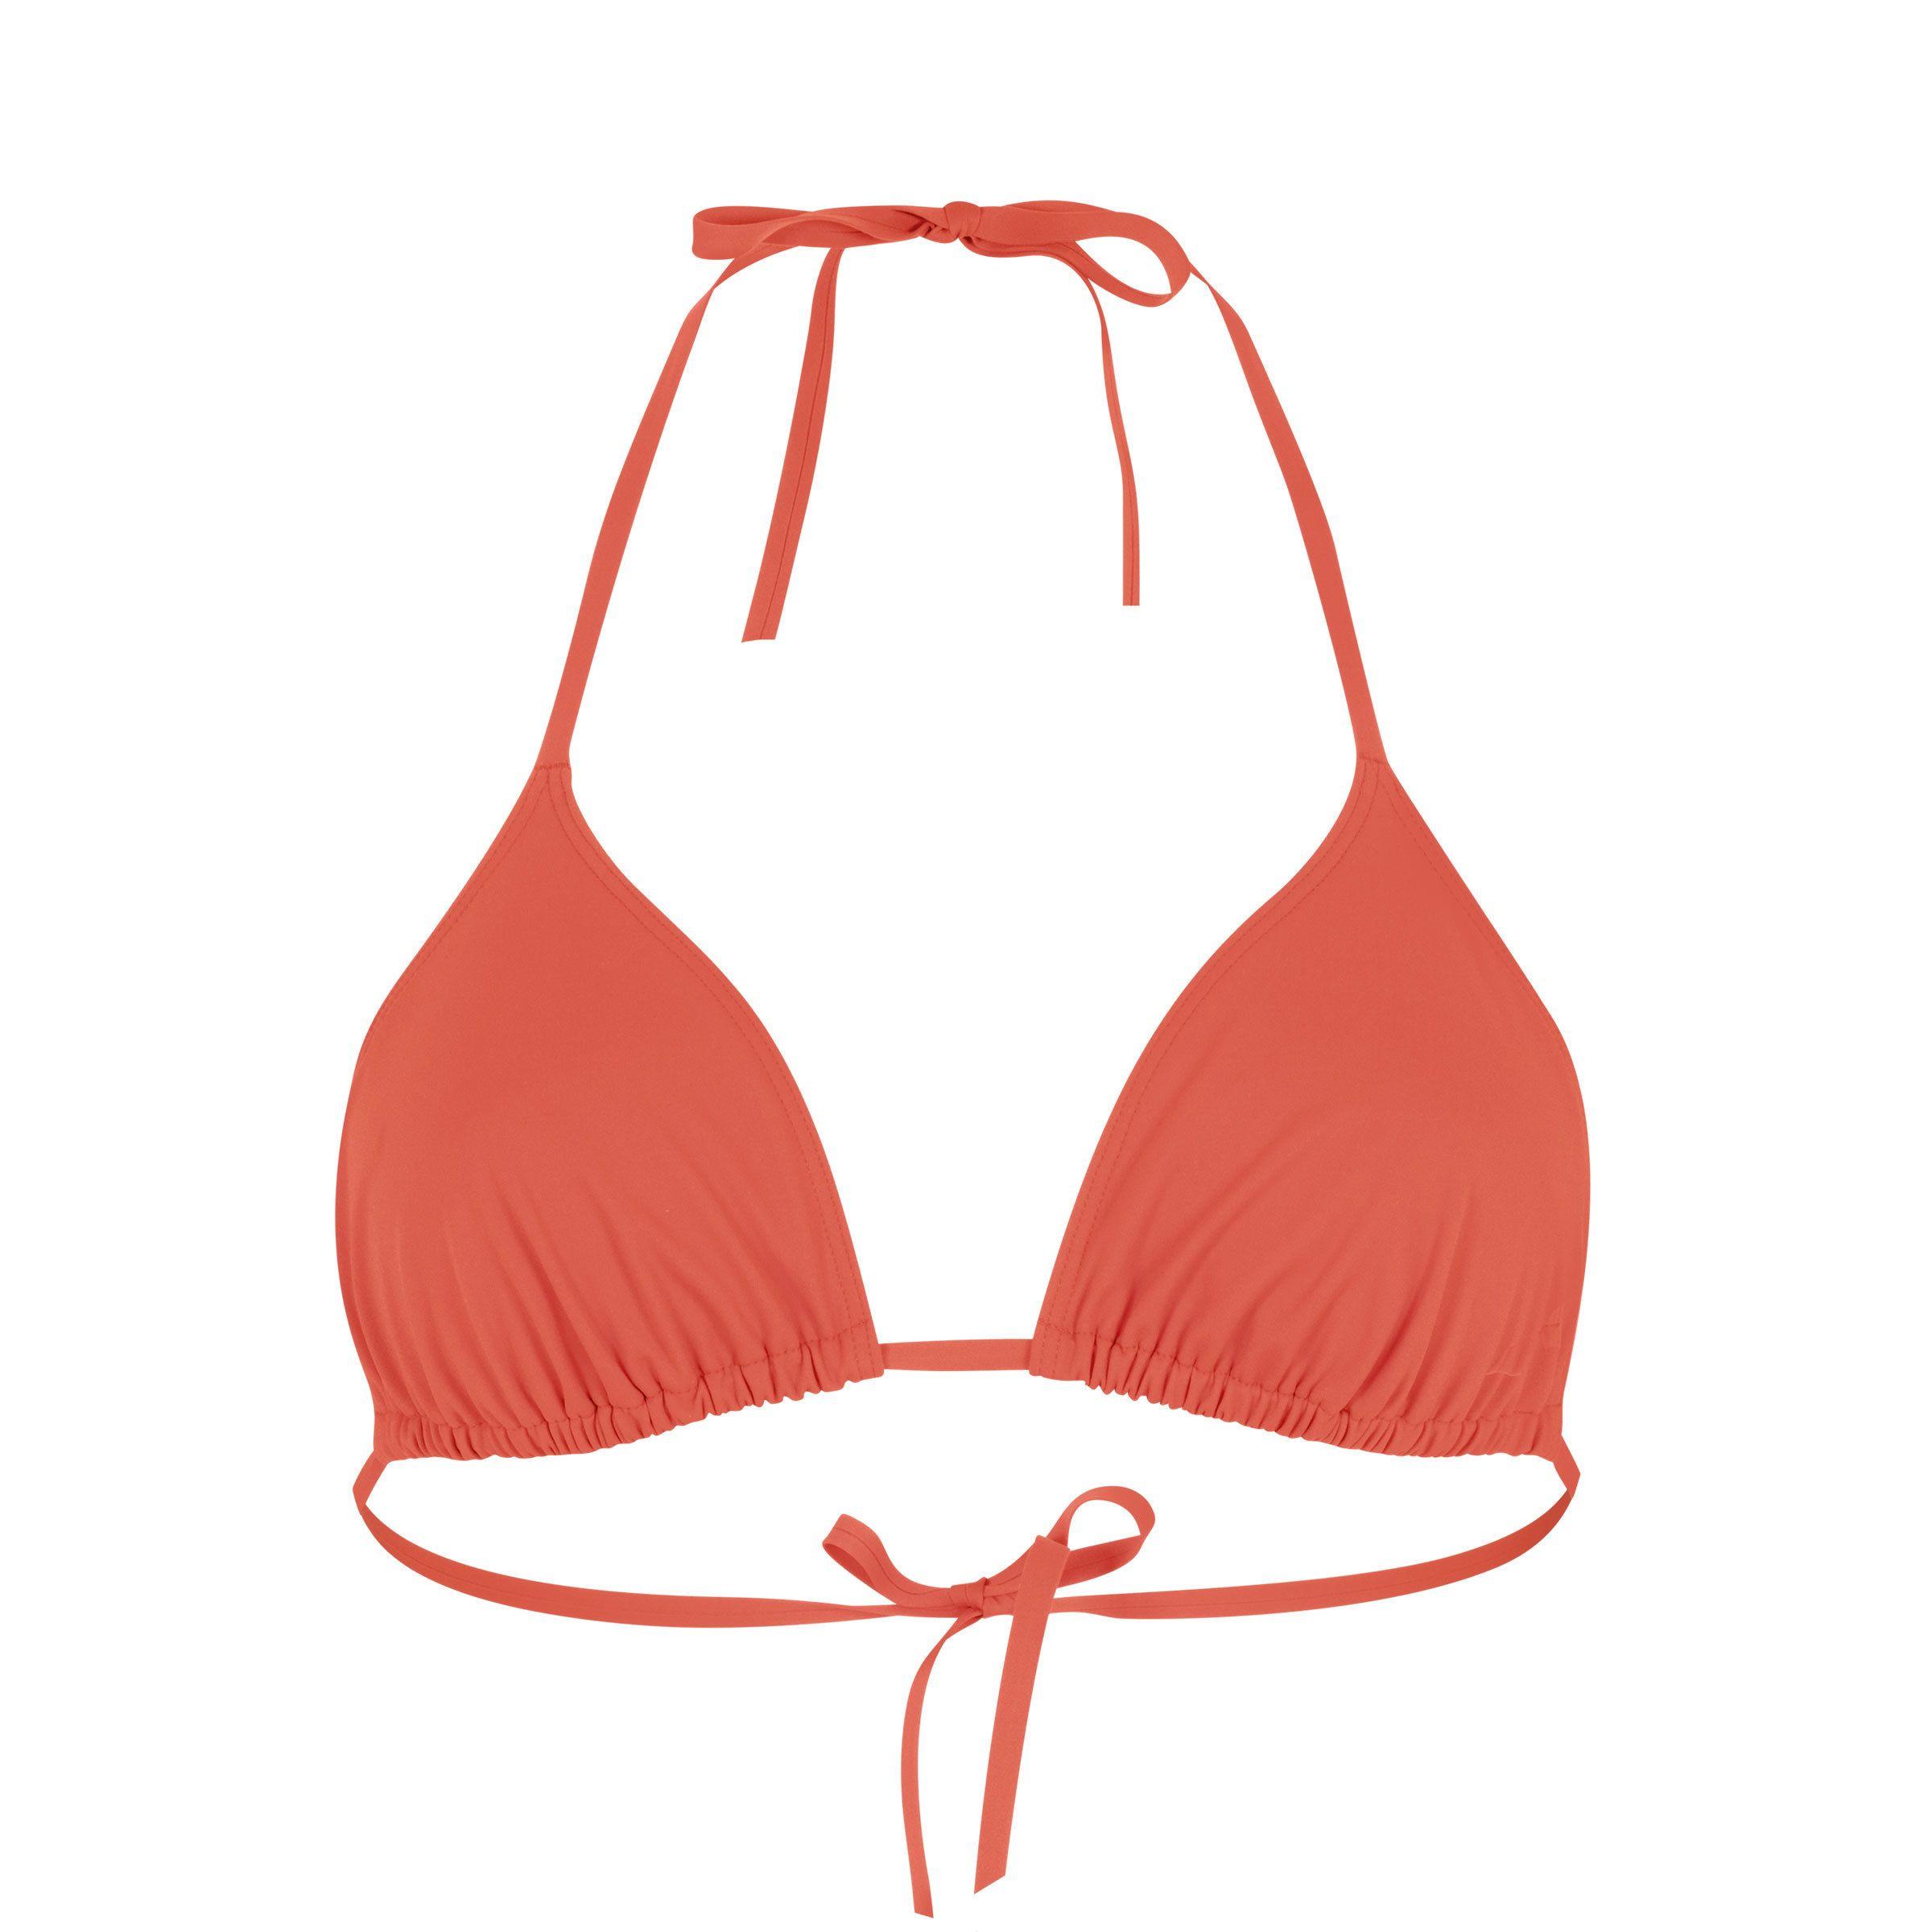 haut de maillot de bain r ard paris haut de gamme dition limit e gamme itb mini bikini avec